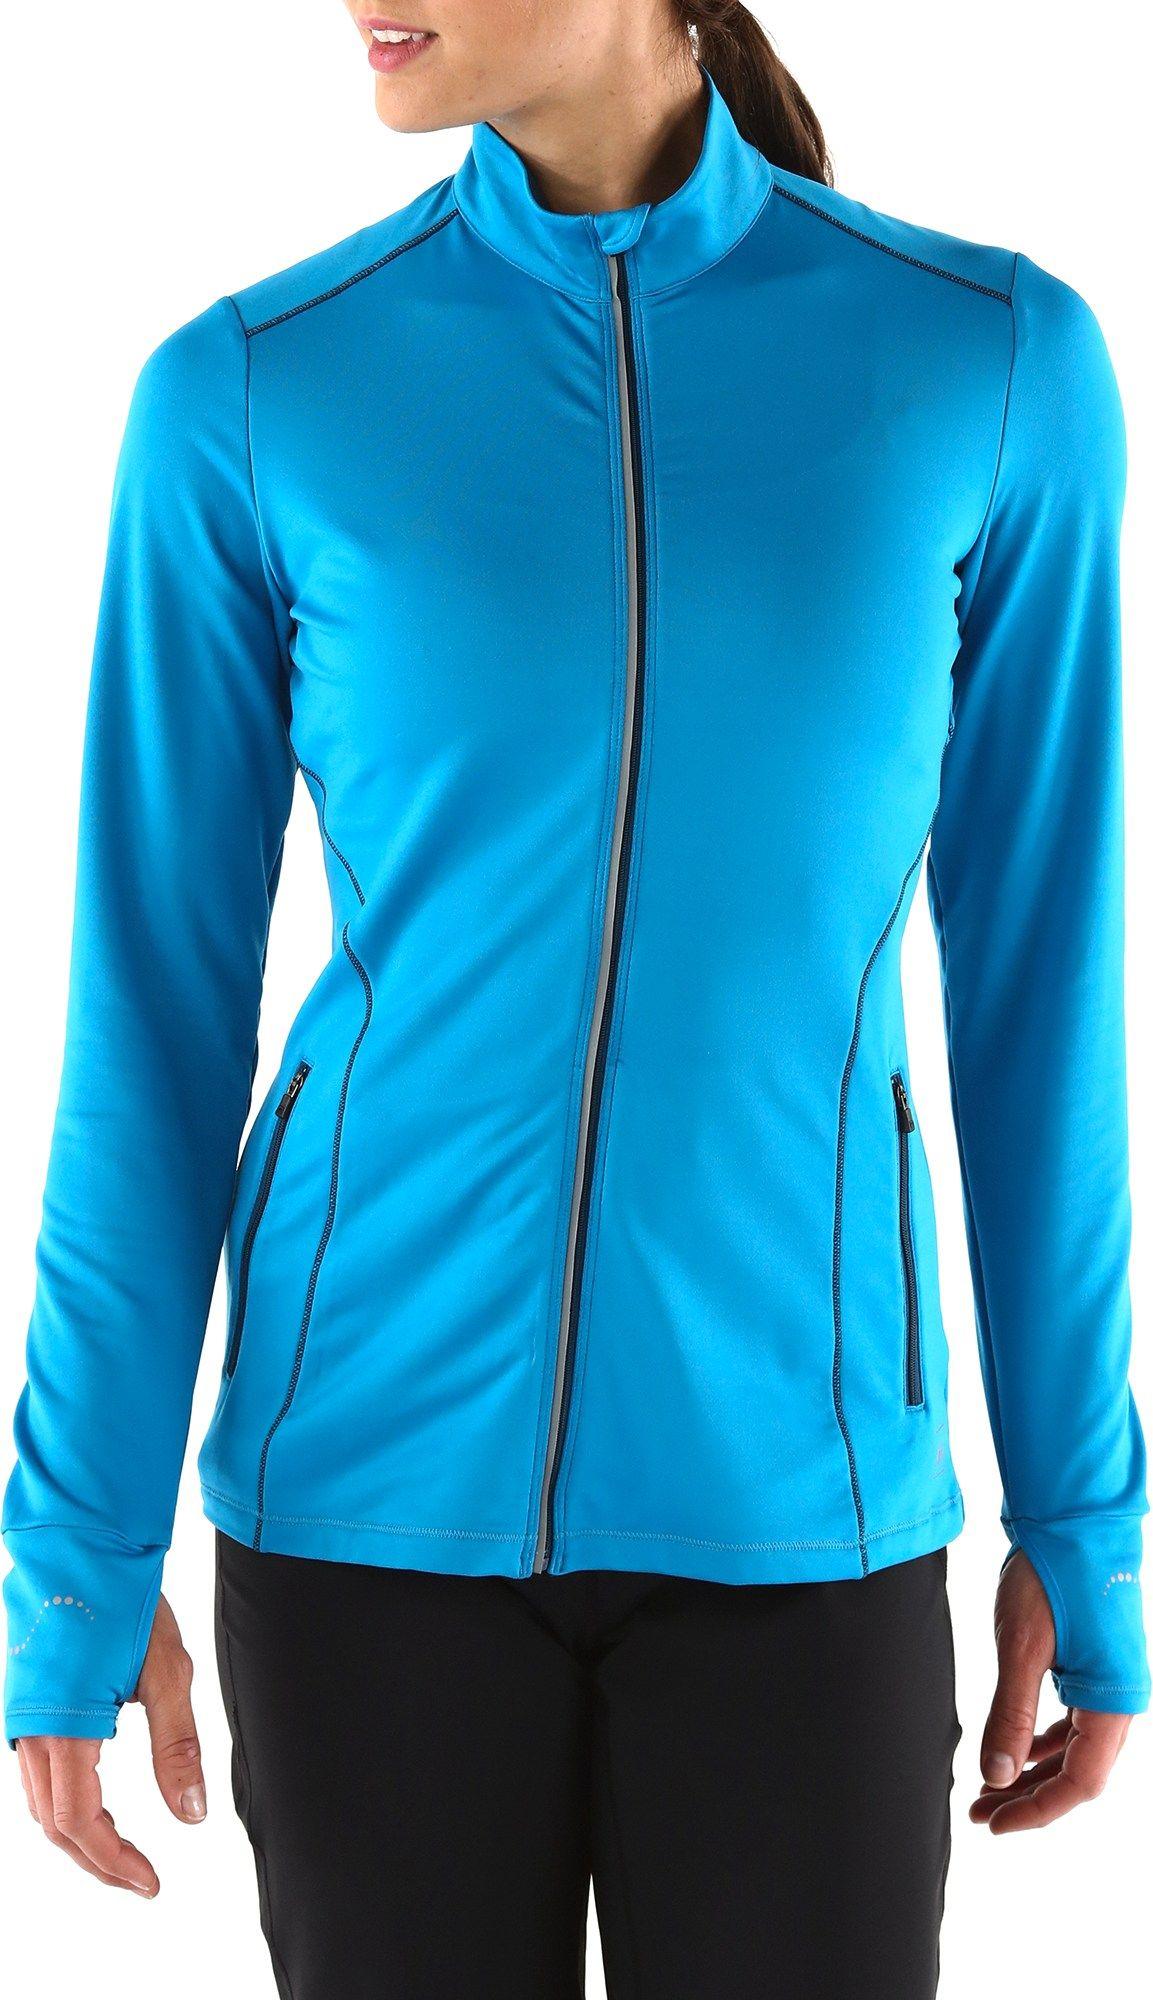 Co-op Sport Jacket - Women's | REI Co-op | Run | Jackets ...